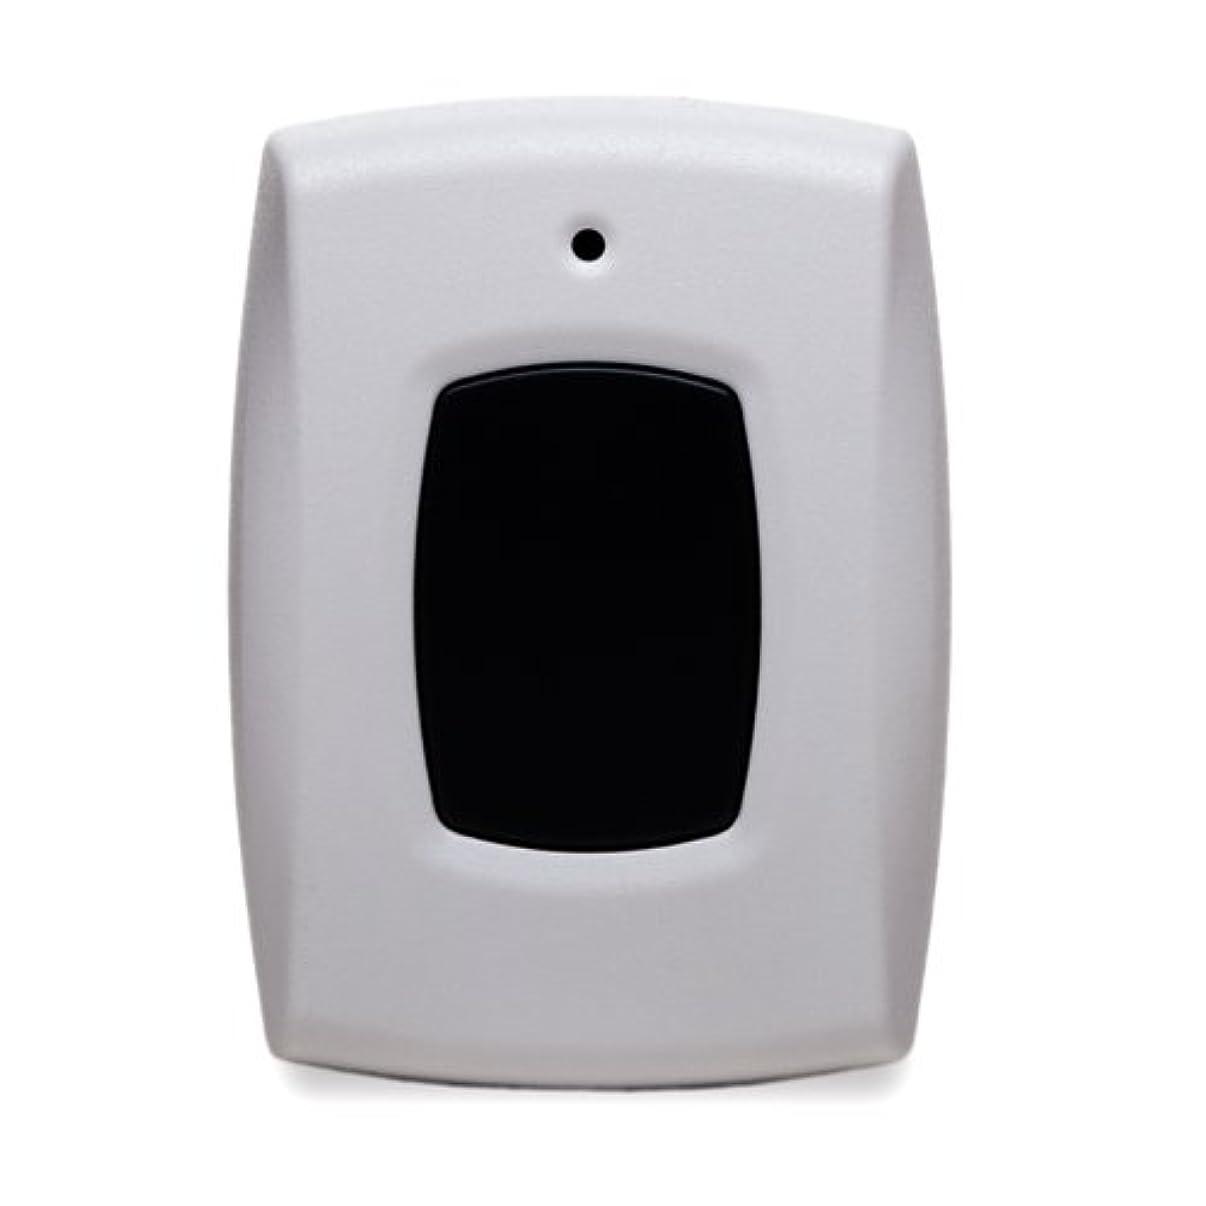 2gig PANIC1 Panic Button Remote ETL Listed